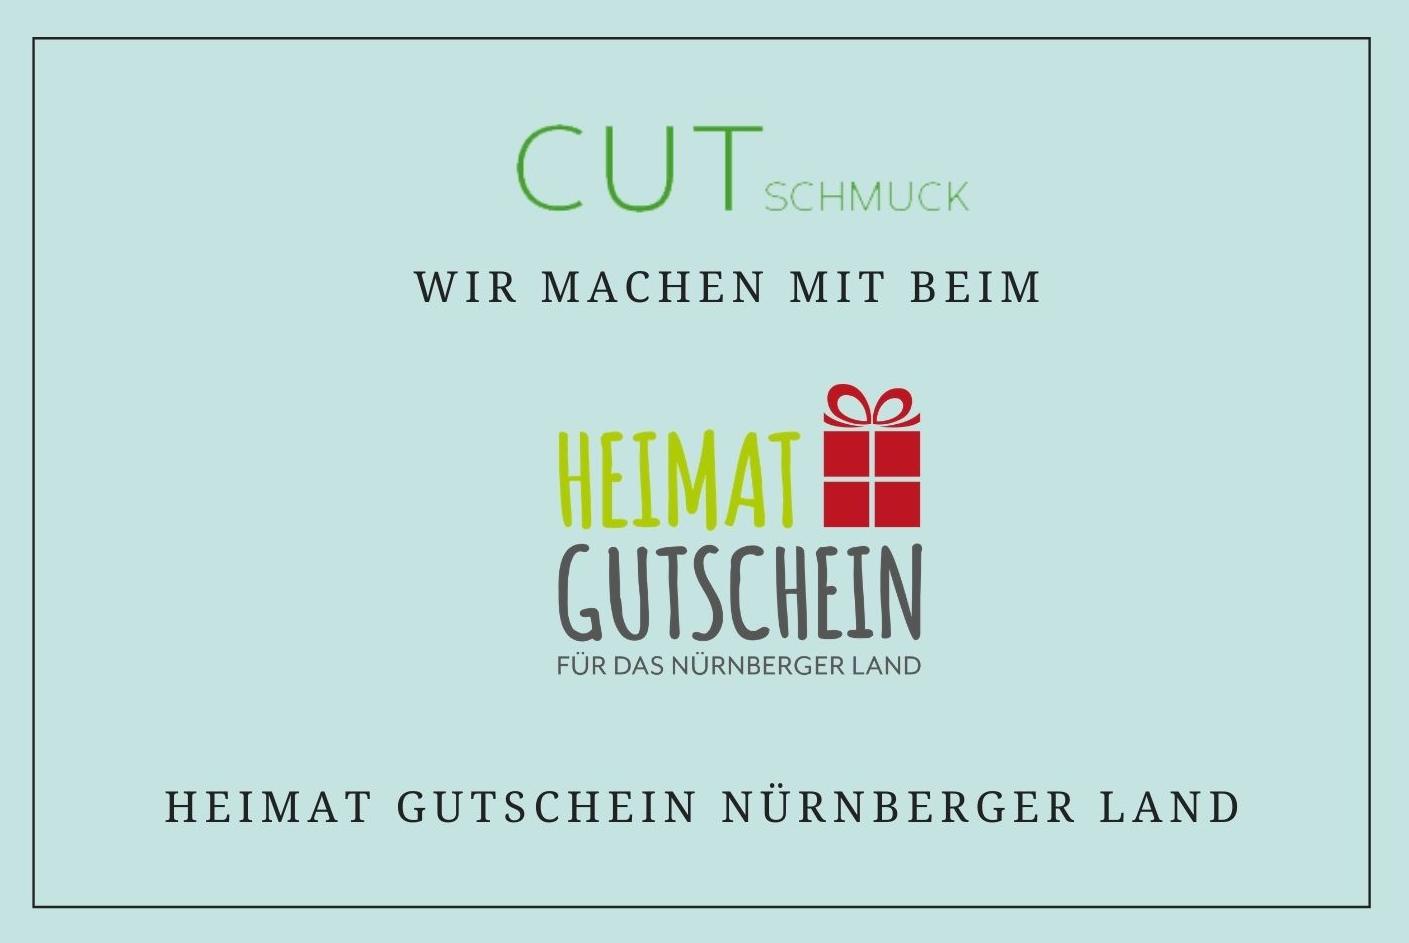 Heimtagutschein-nuernbergerland-cutschmuck